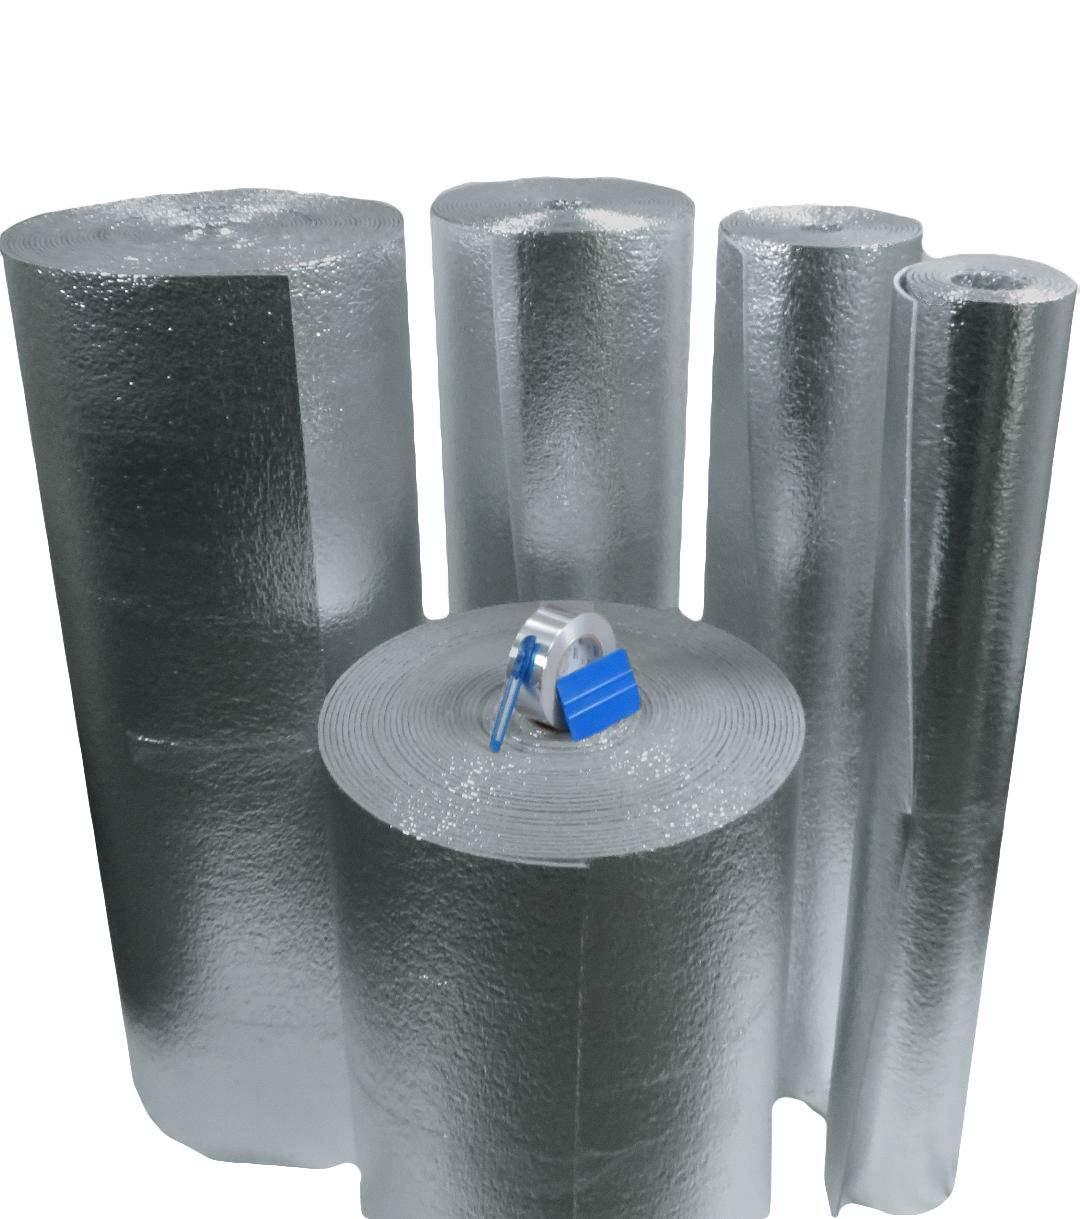 Car Insulation - 4' x 20' Roll (80 Sqft) Sound Deadener & Heat Barrier Mat - Automotive Lightweight Thermal Insulation AES